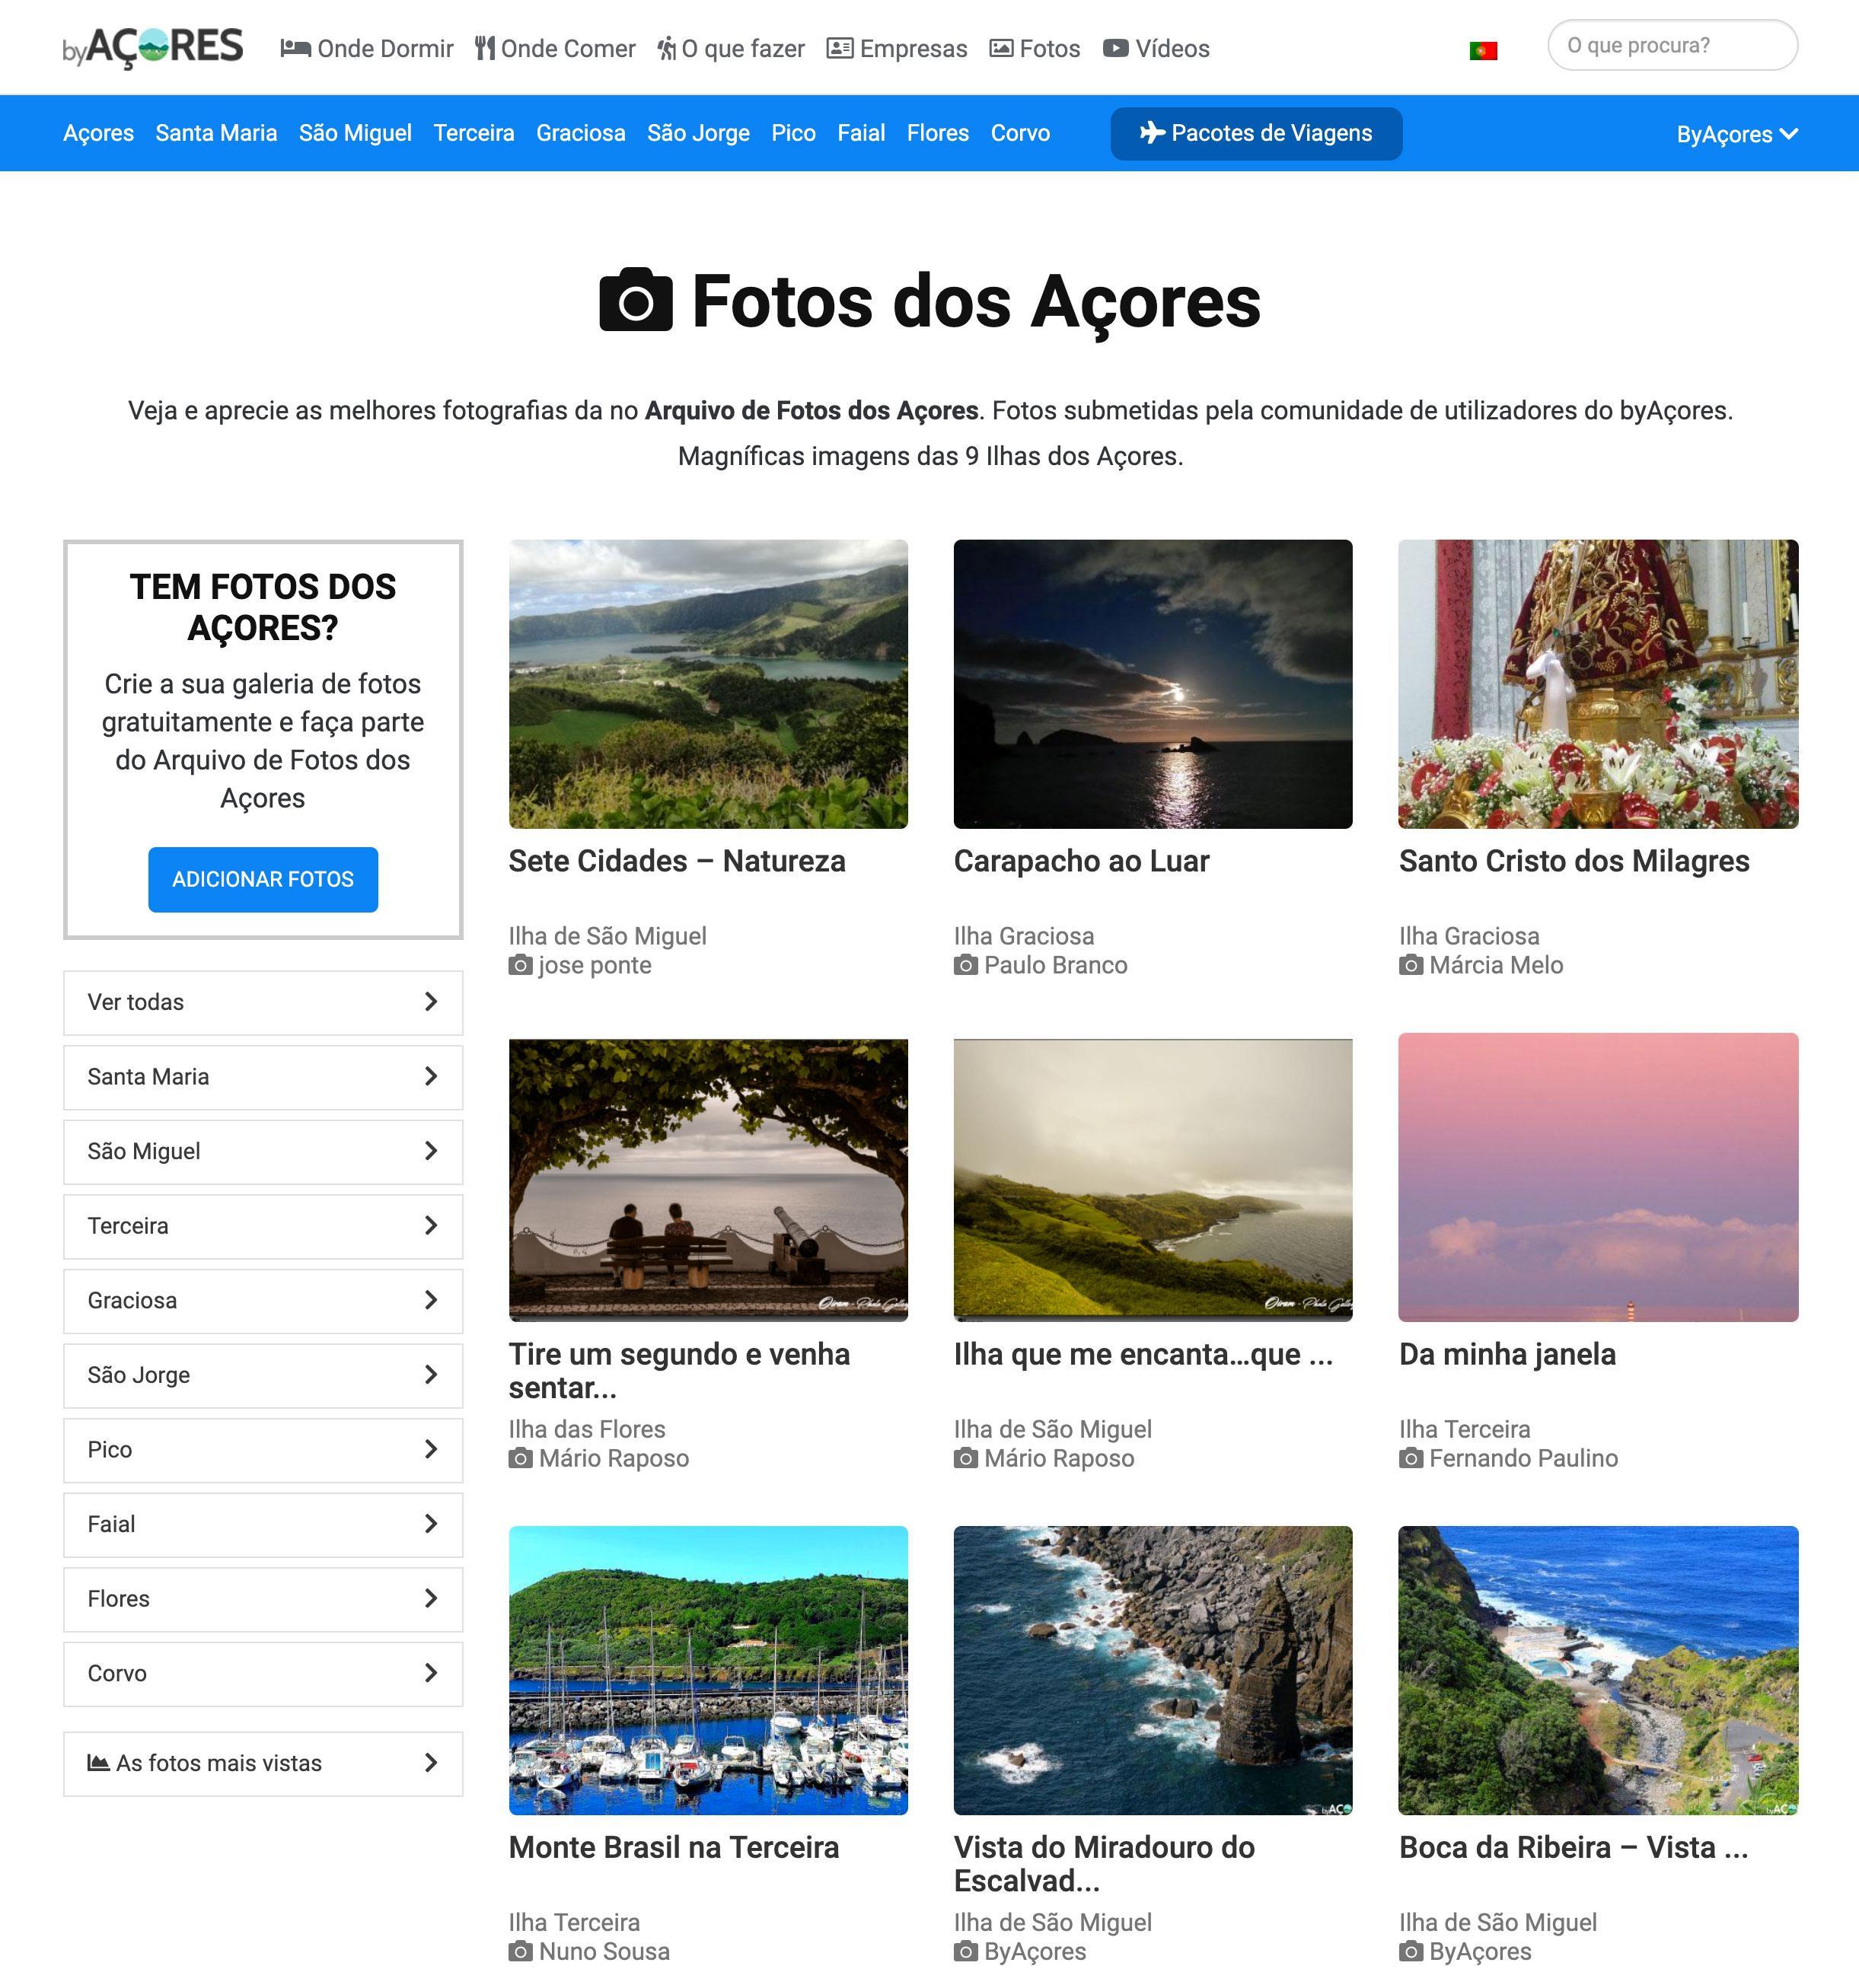 Arquivo de Fotos dos Açores